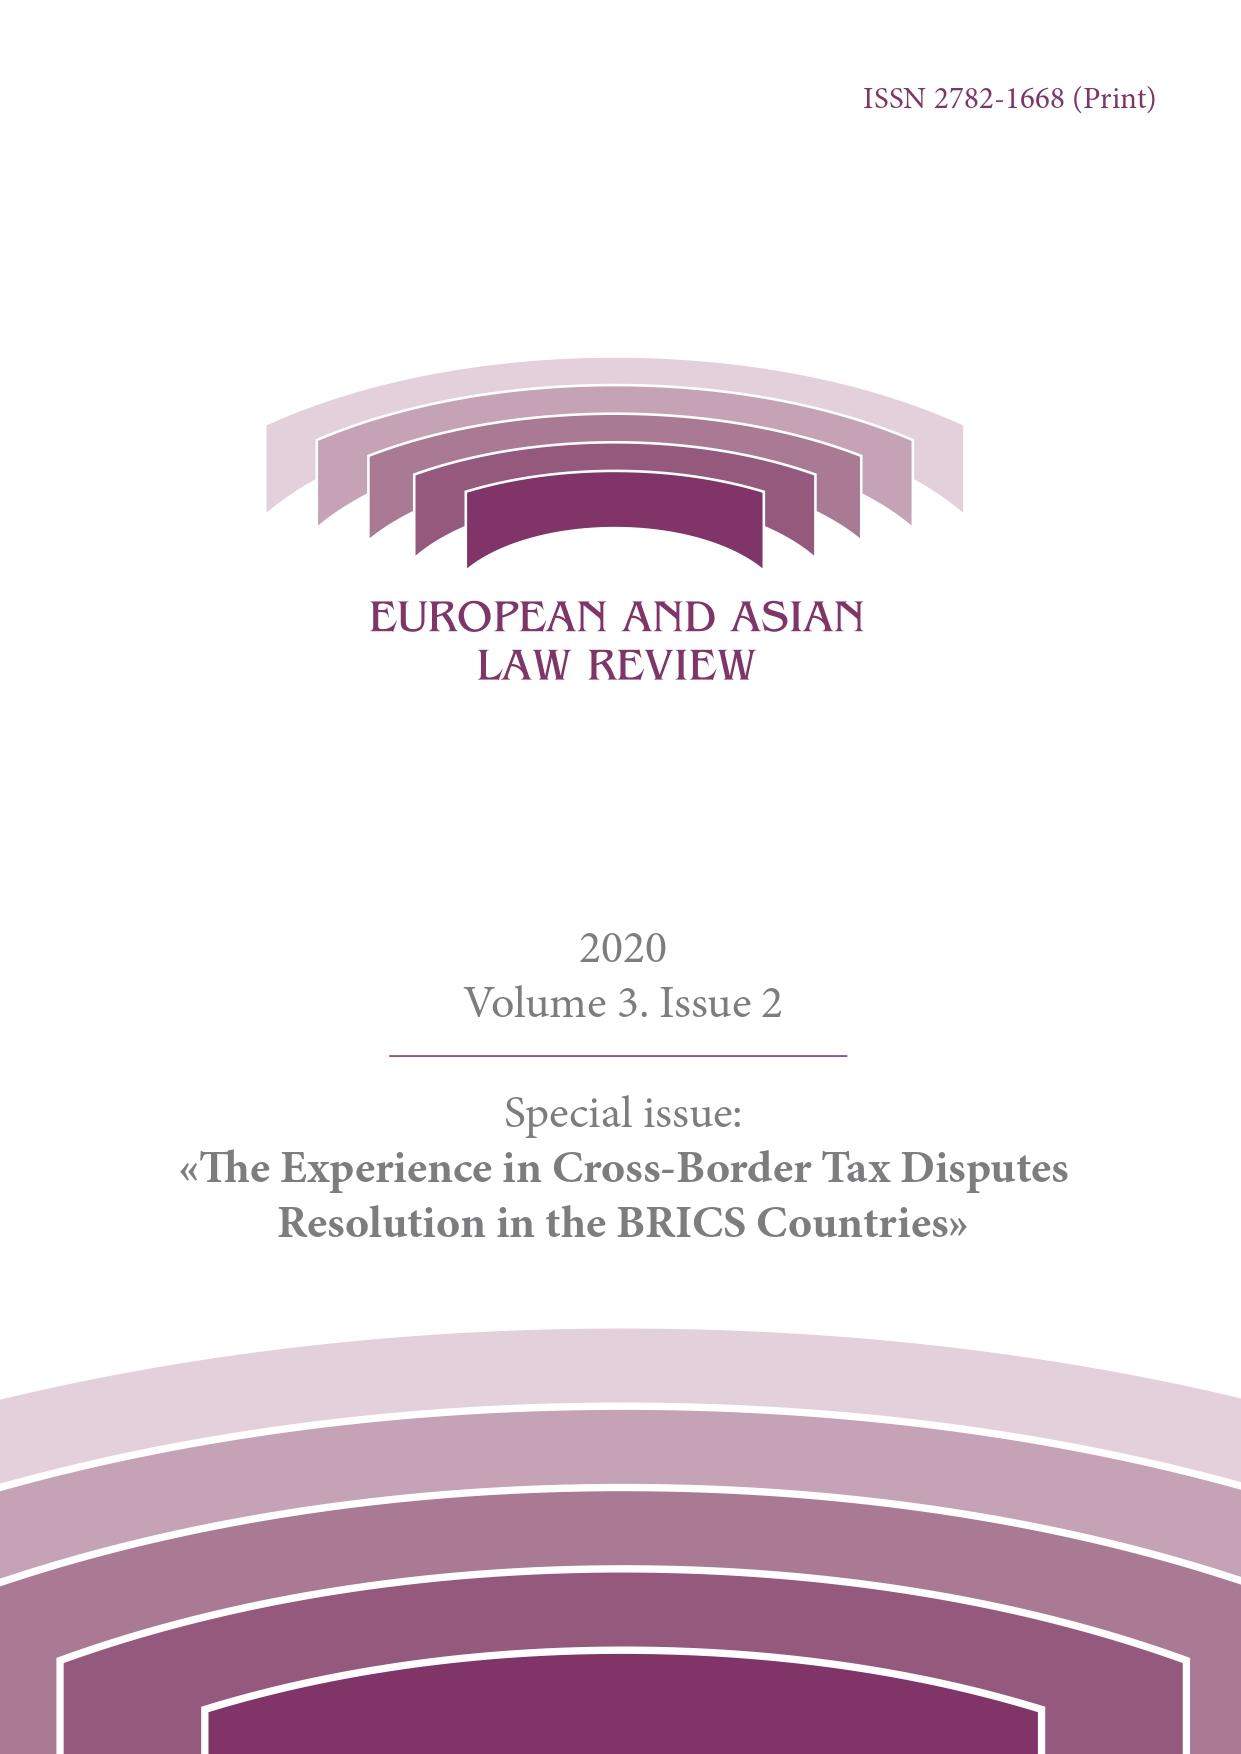 Показать Том 3 № 2 (2020): European and Asian Law Review